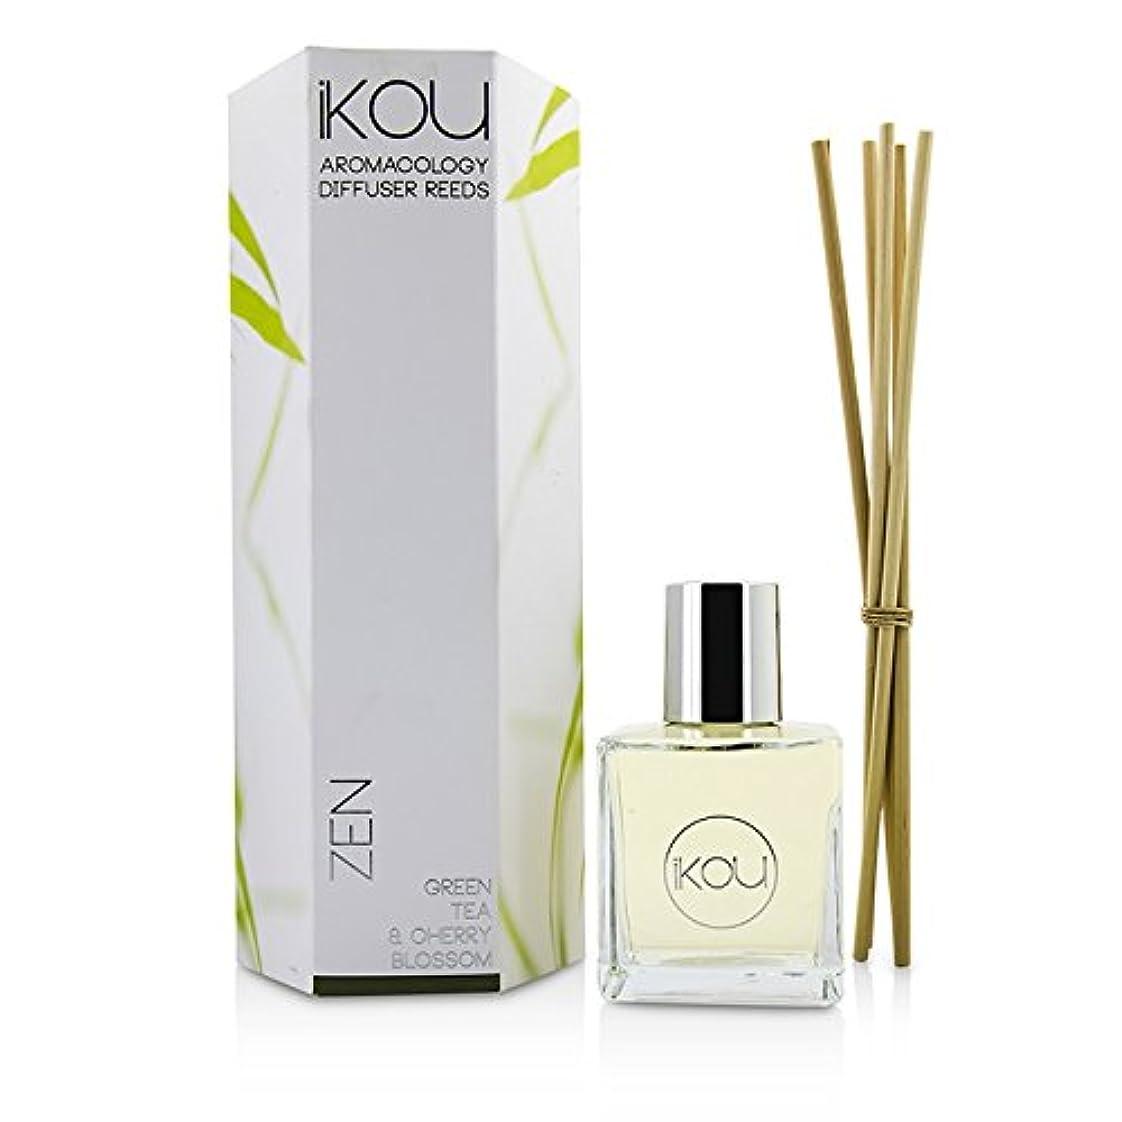 比喩吸収剤収束iKOU アロマコロジー ディフューザーリード - ゼン (グリーンティー&チェリーブロッサム - 9か月分) -並行輸入品